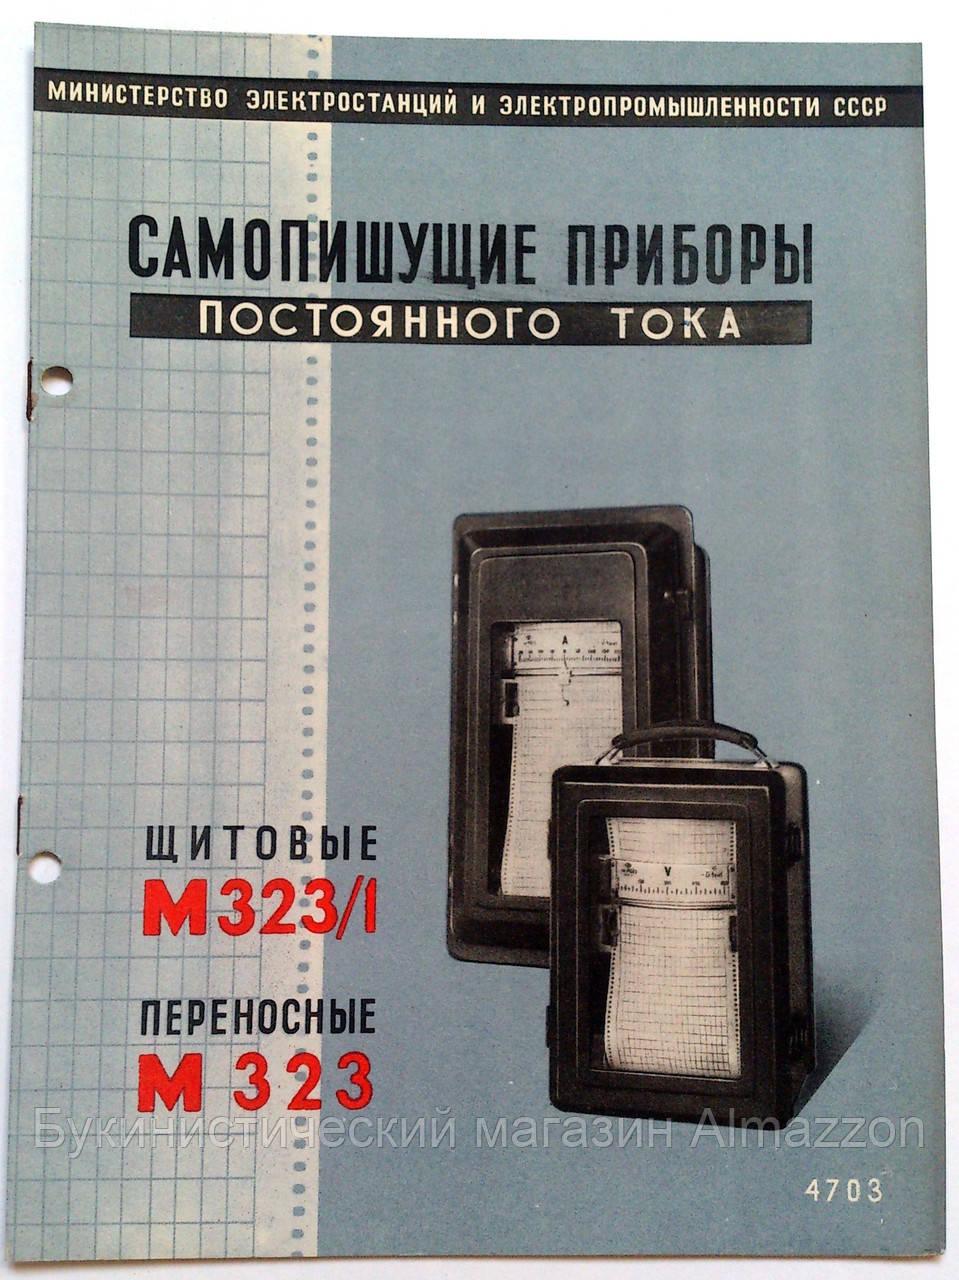 """Журнал (Бюллетень) """"Самопишущие приборы постоянного тока щитовые М323/1, переносные М323"""" 1953 год"""